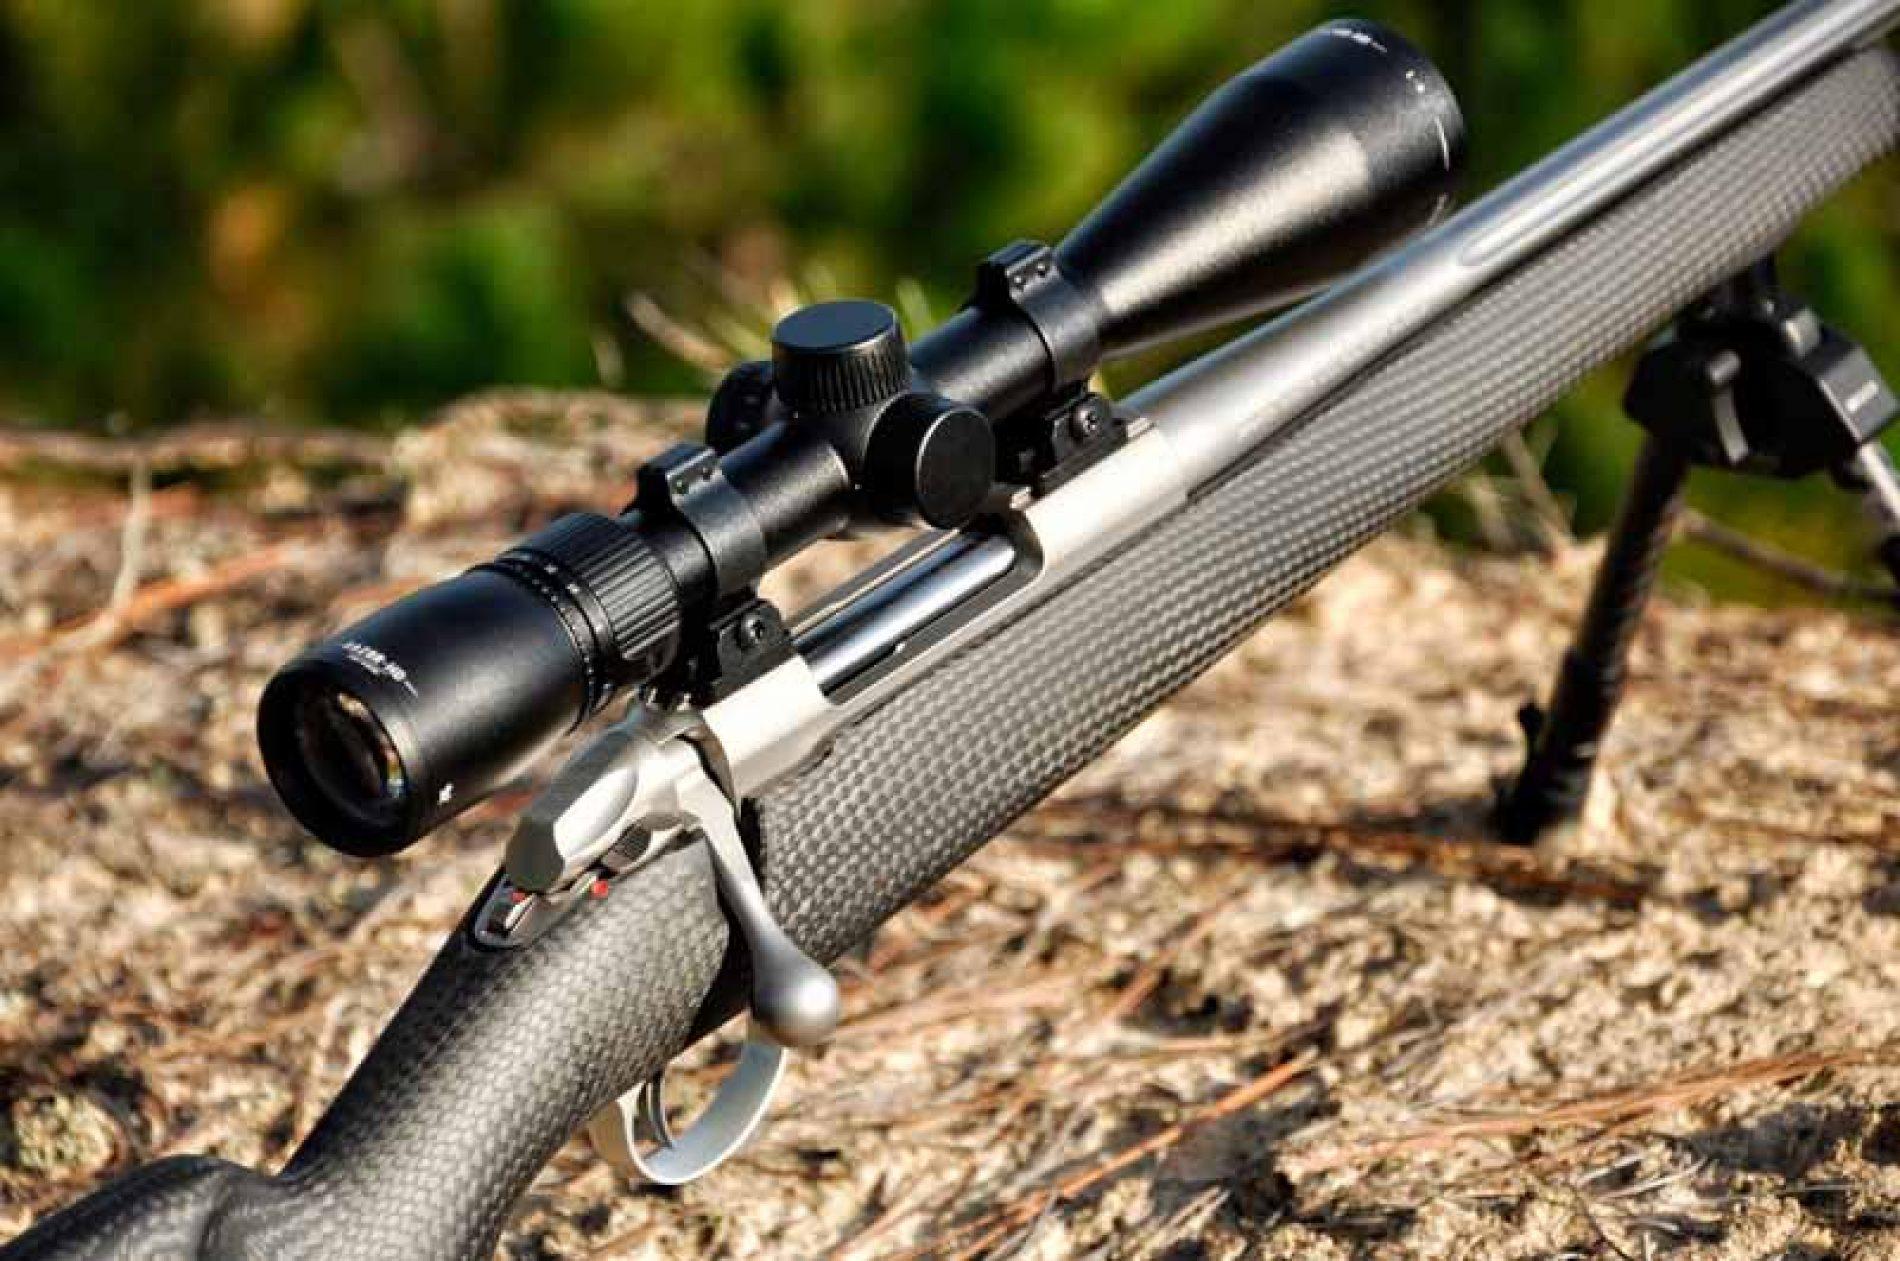 La Guardia Civil confirma a la RFEC que se retira el borrador del Reglamento de Armas